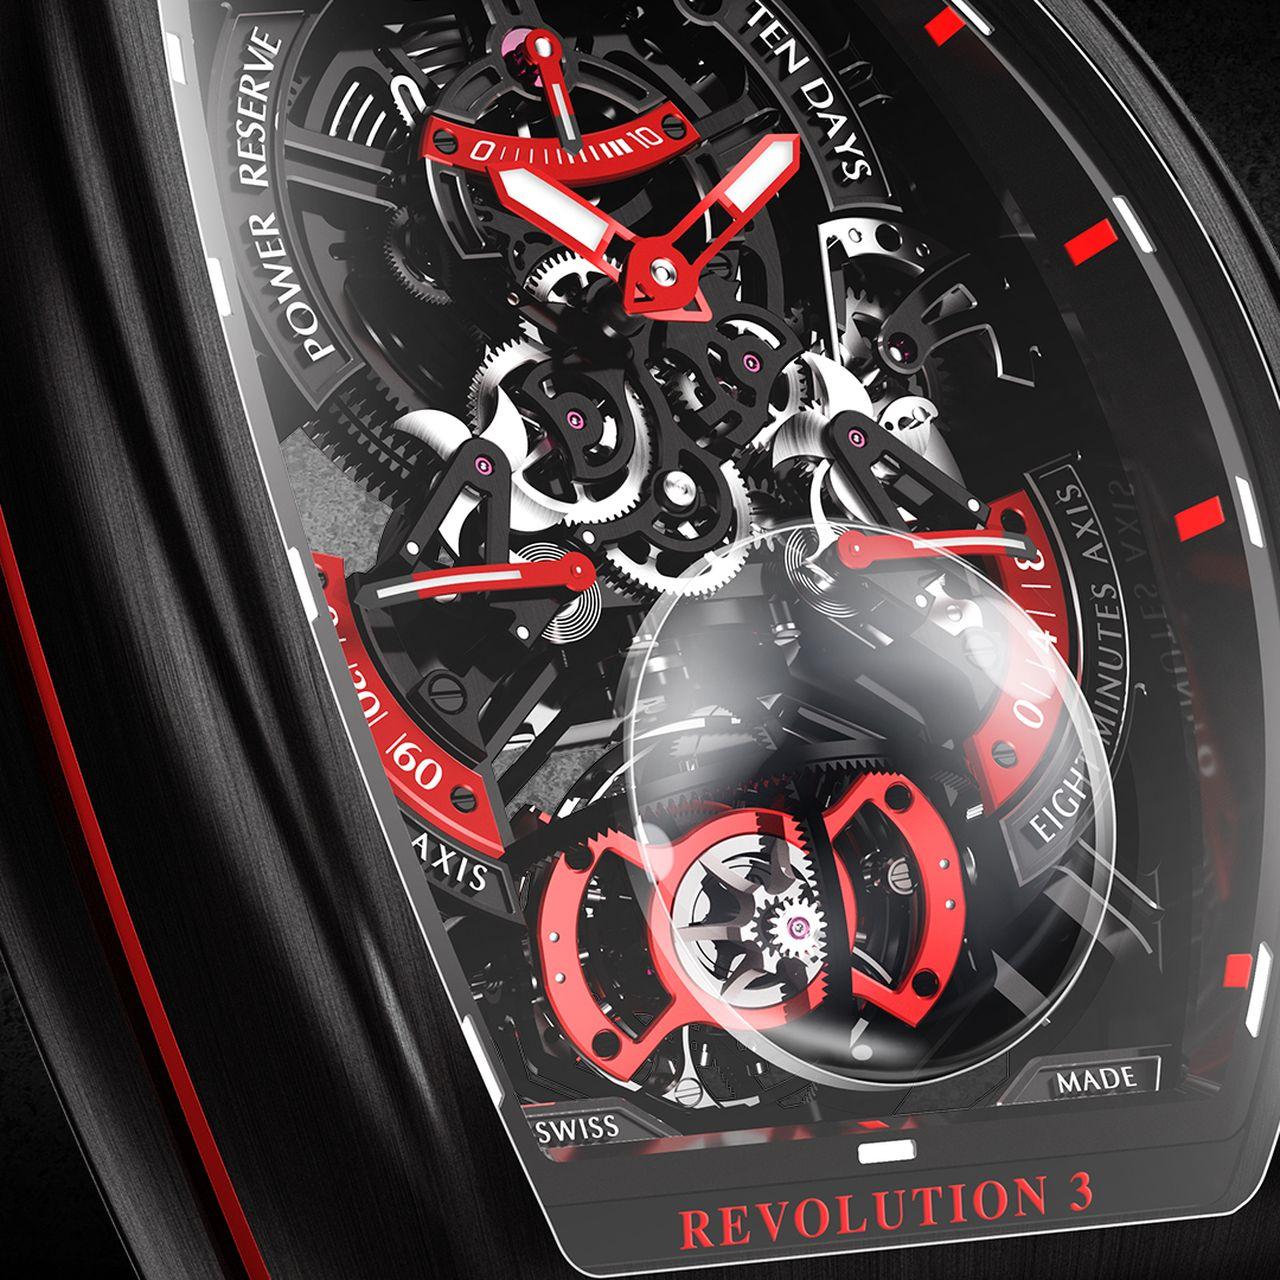 Franck Muller Vanguard Revolution 3 Skeleton - a tourbillon mellett más is szerephez jut